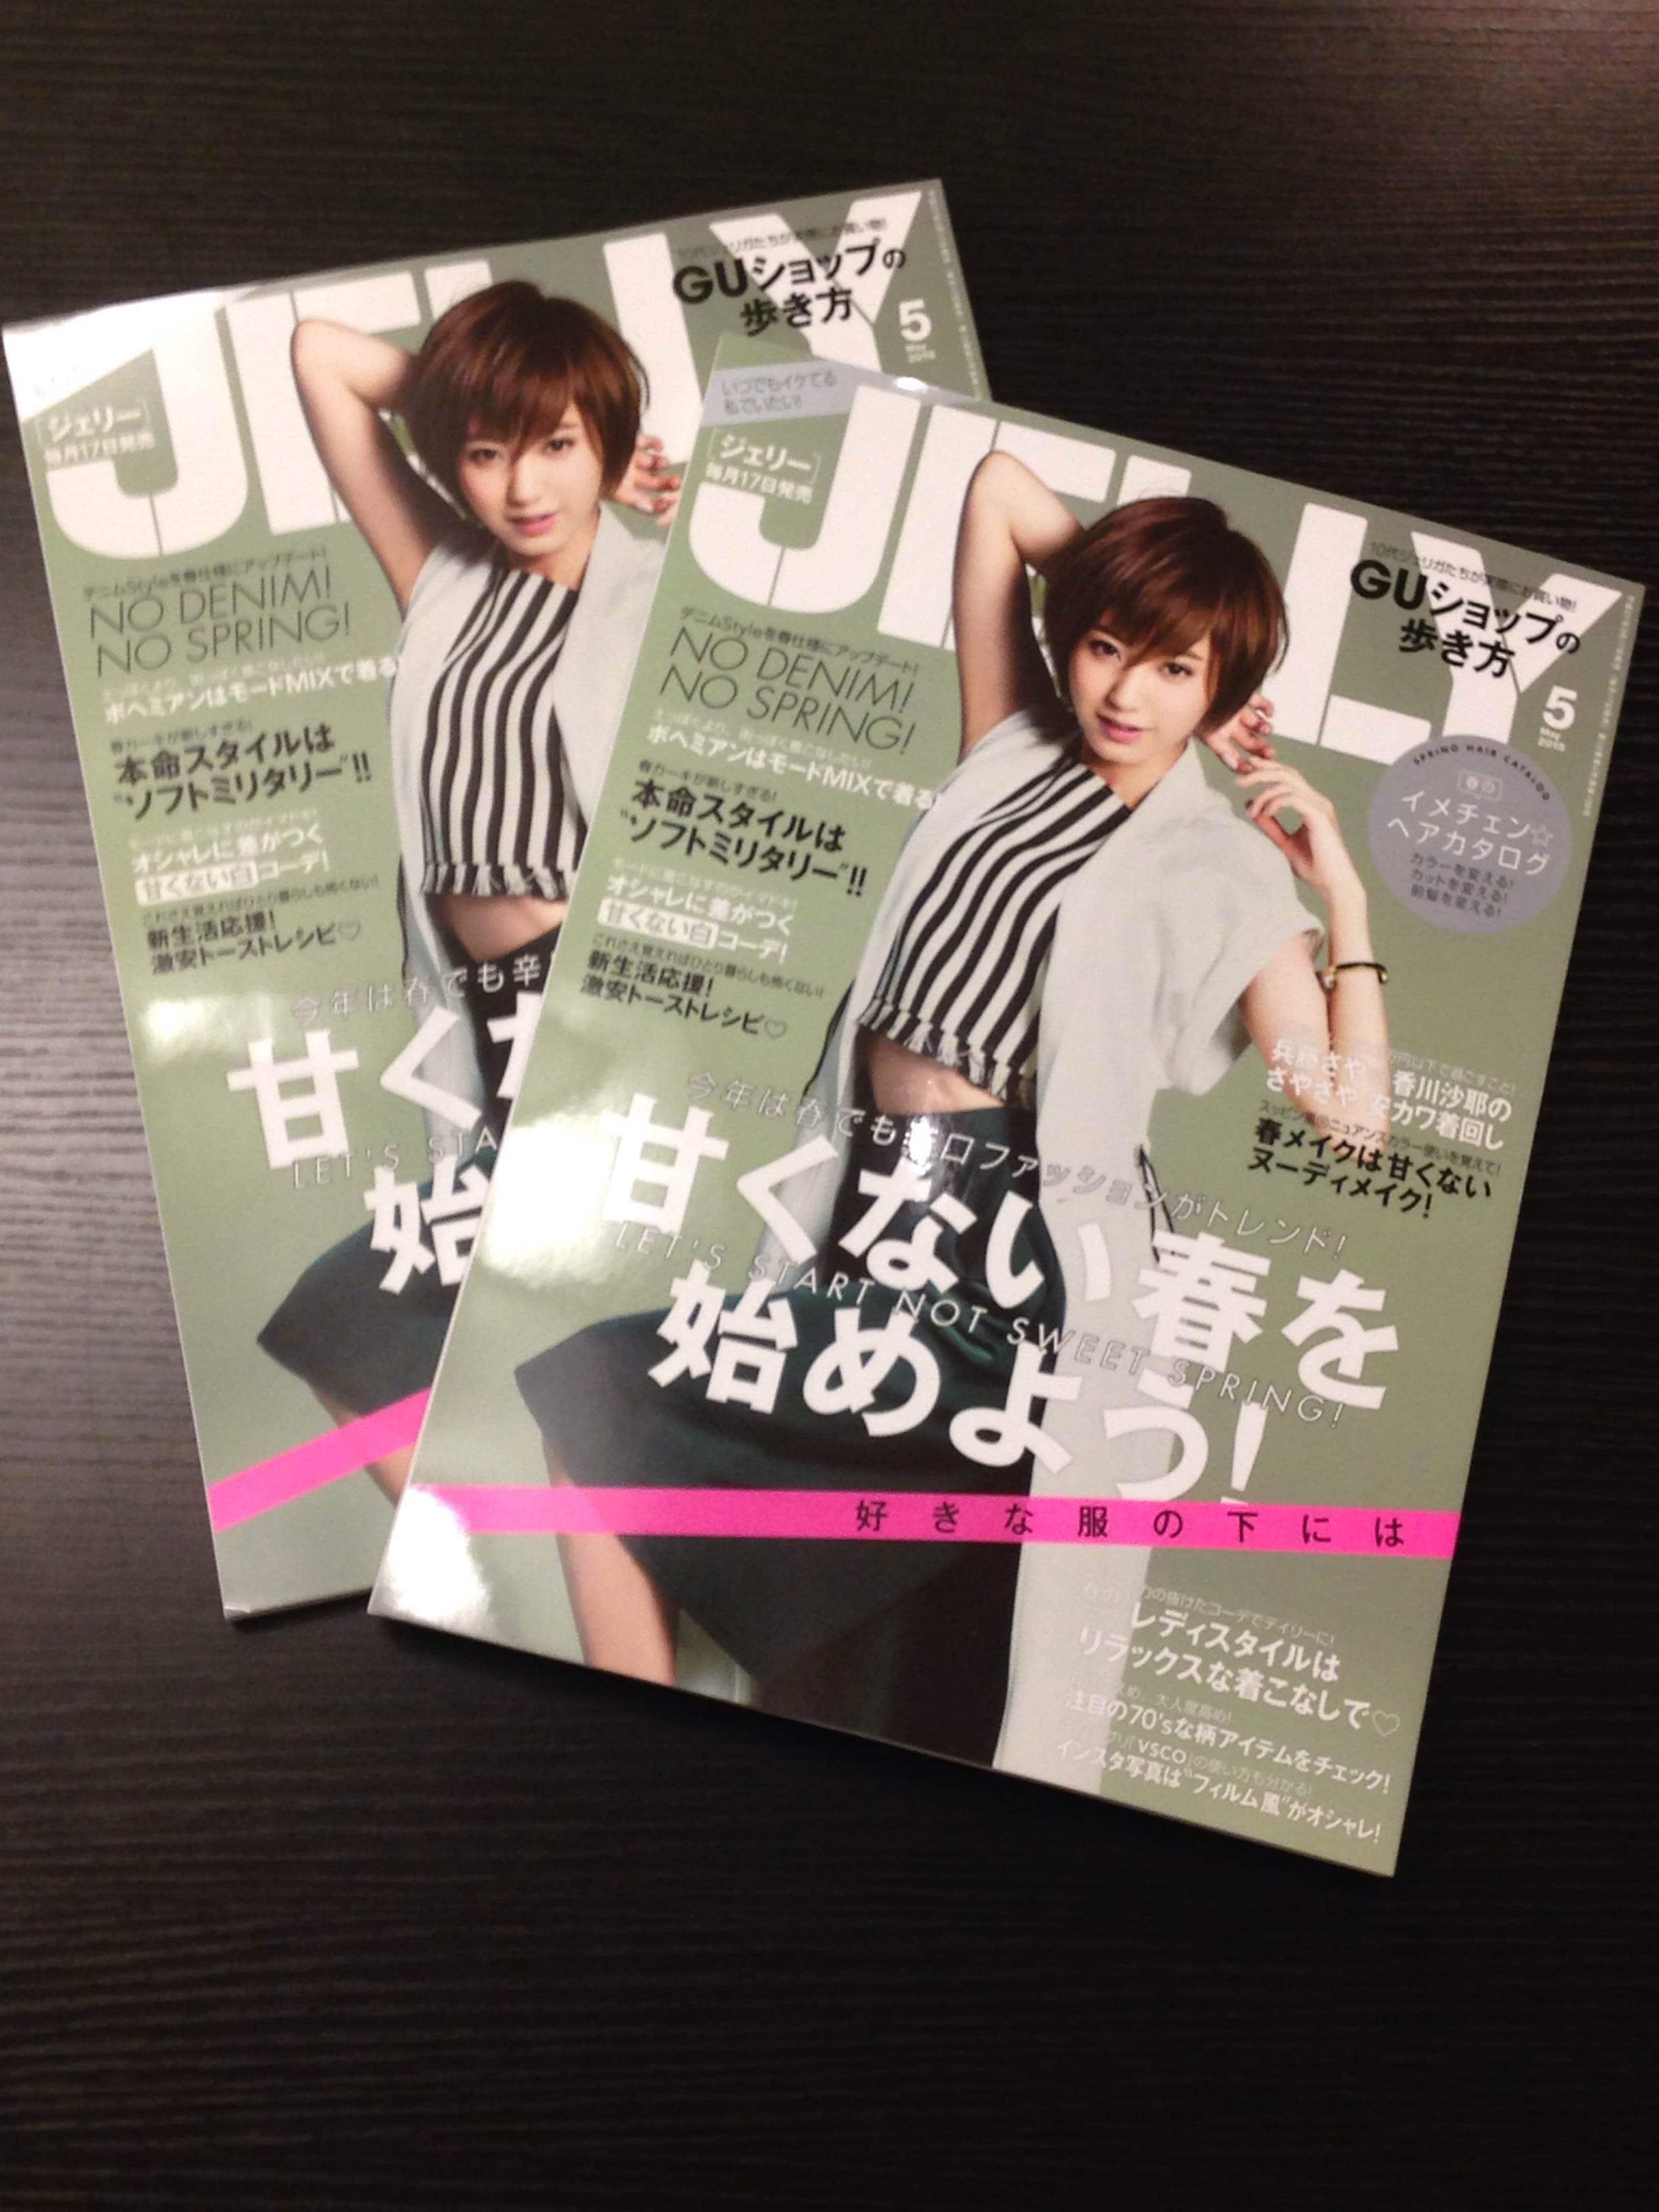 高橋善郎:ぶんか社様『JELLY5月号』に取材を受けました!